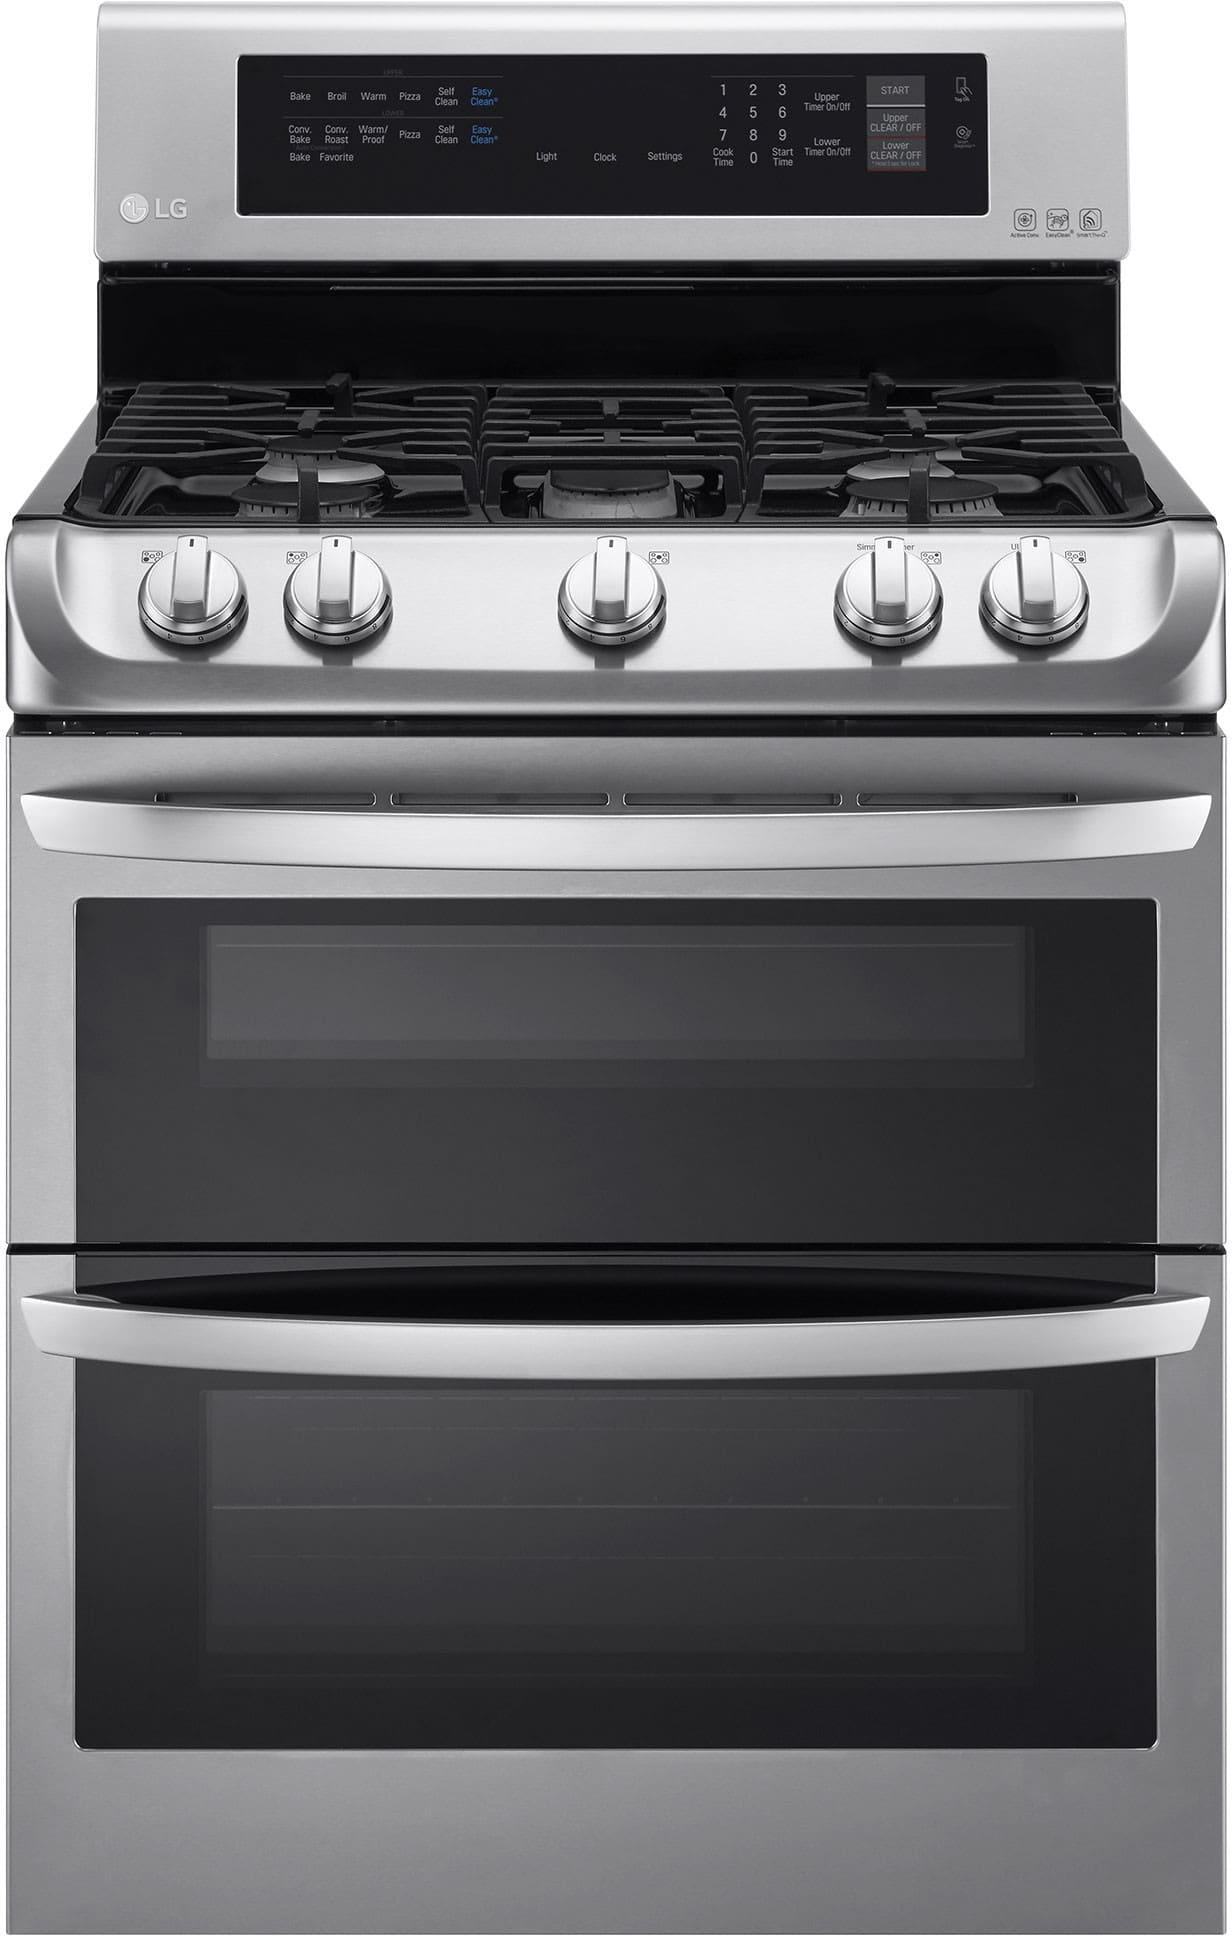 Lg double oven gas range reviews - Lg Ldg4313st 30 Inch Double Oven Gas Range With Probake Convection Ultraheat Burner Easyclean Mode 5 Sealed Burners 6 9 Cu Ft